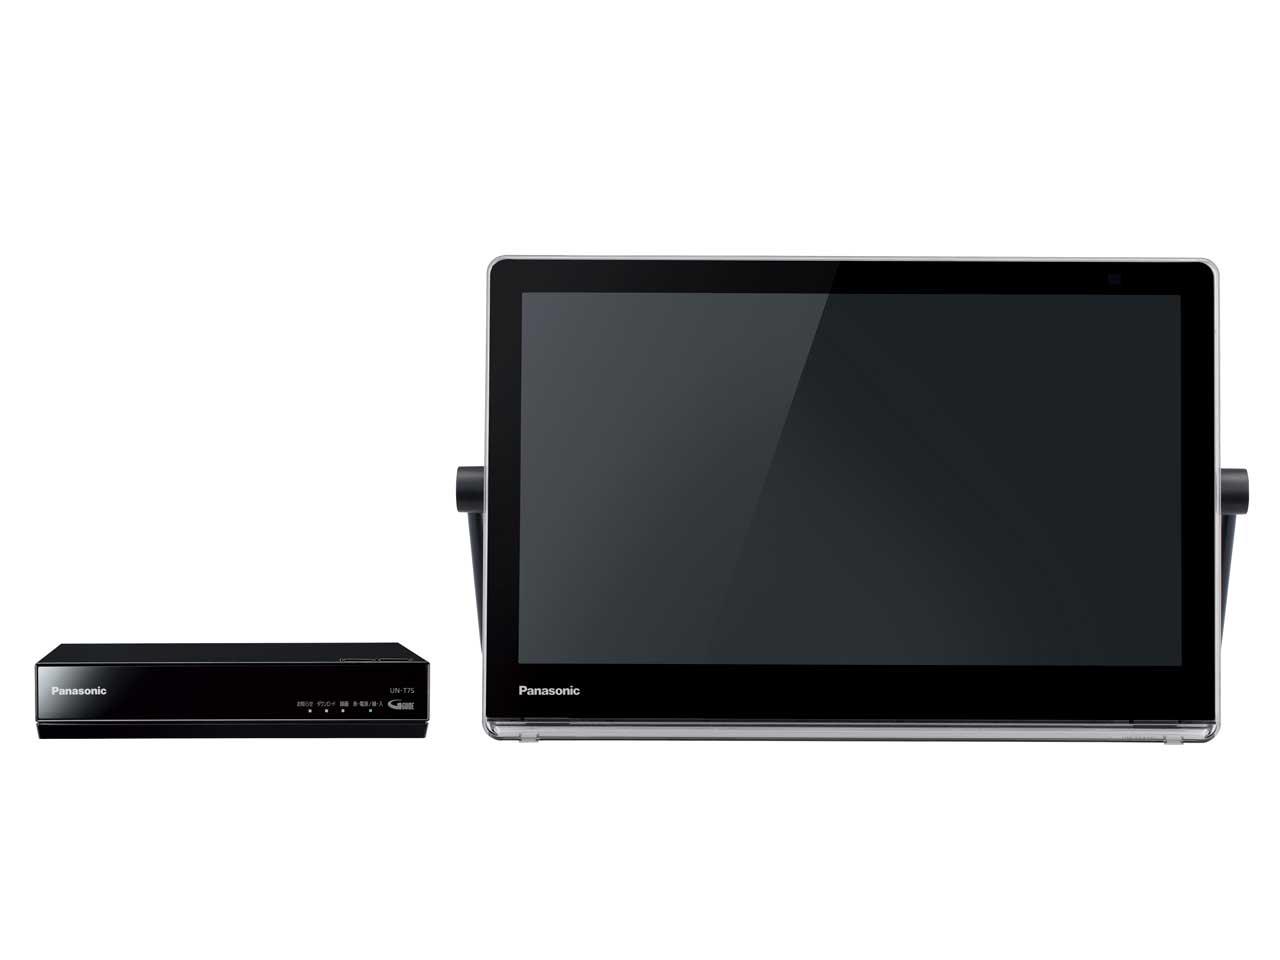 【新品】【送料無料】パナソニック 10V型 液晶 テレビ プライベート・ビエラ UN-10T7-K ポータブル 防水タイプ 500GB HDDレコーダー付 ブラック